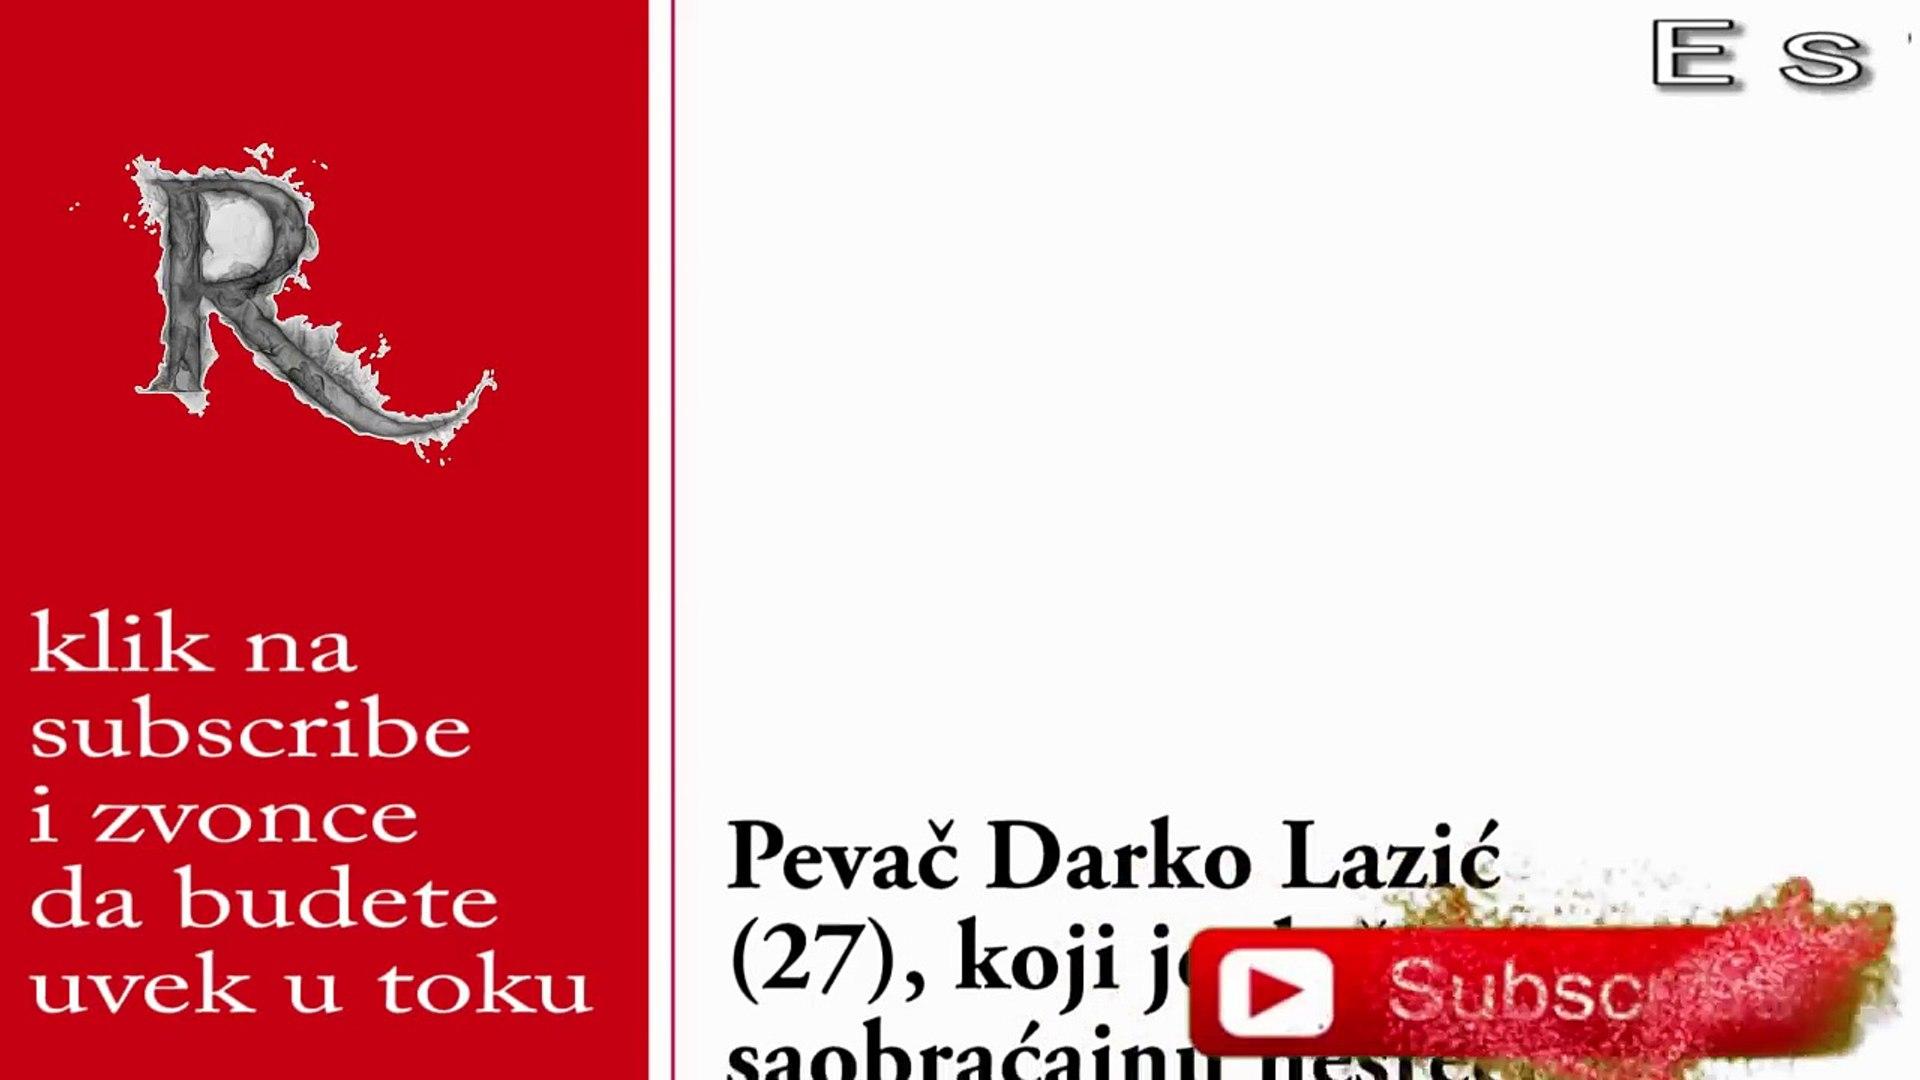 Stigli rezultati Darka Lazića - Svi u ŠOOKU -  OVO je razlog